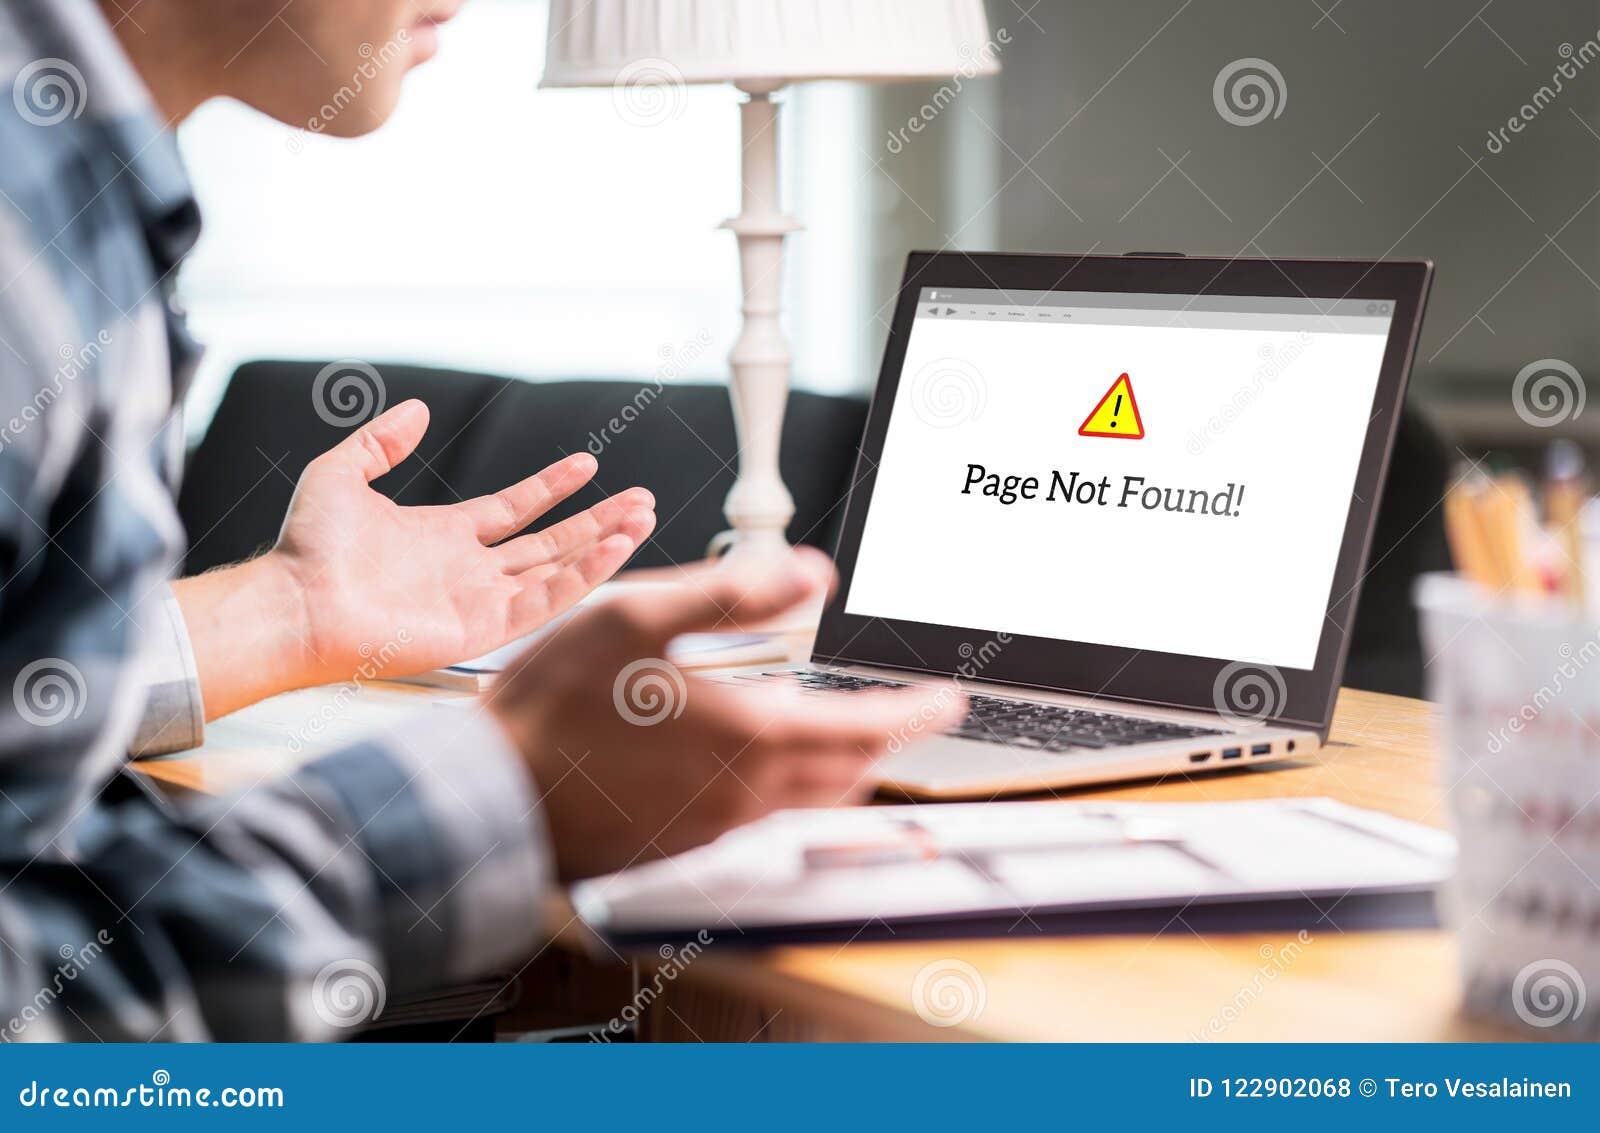 Página no encontrada y error en ordenador portátil